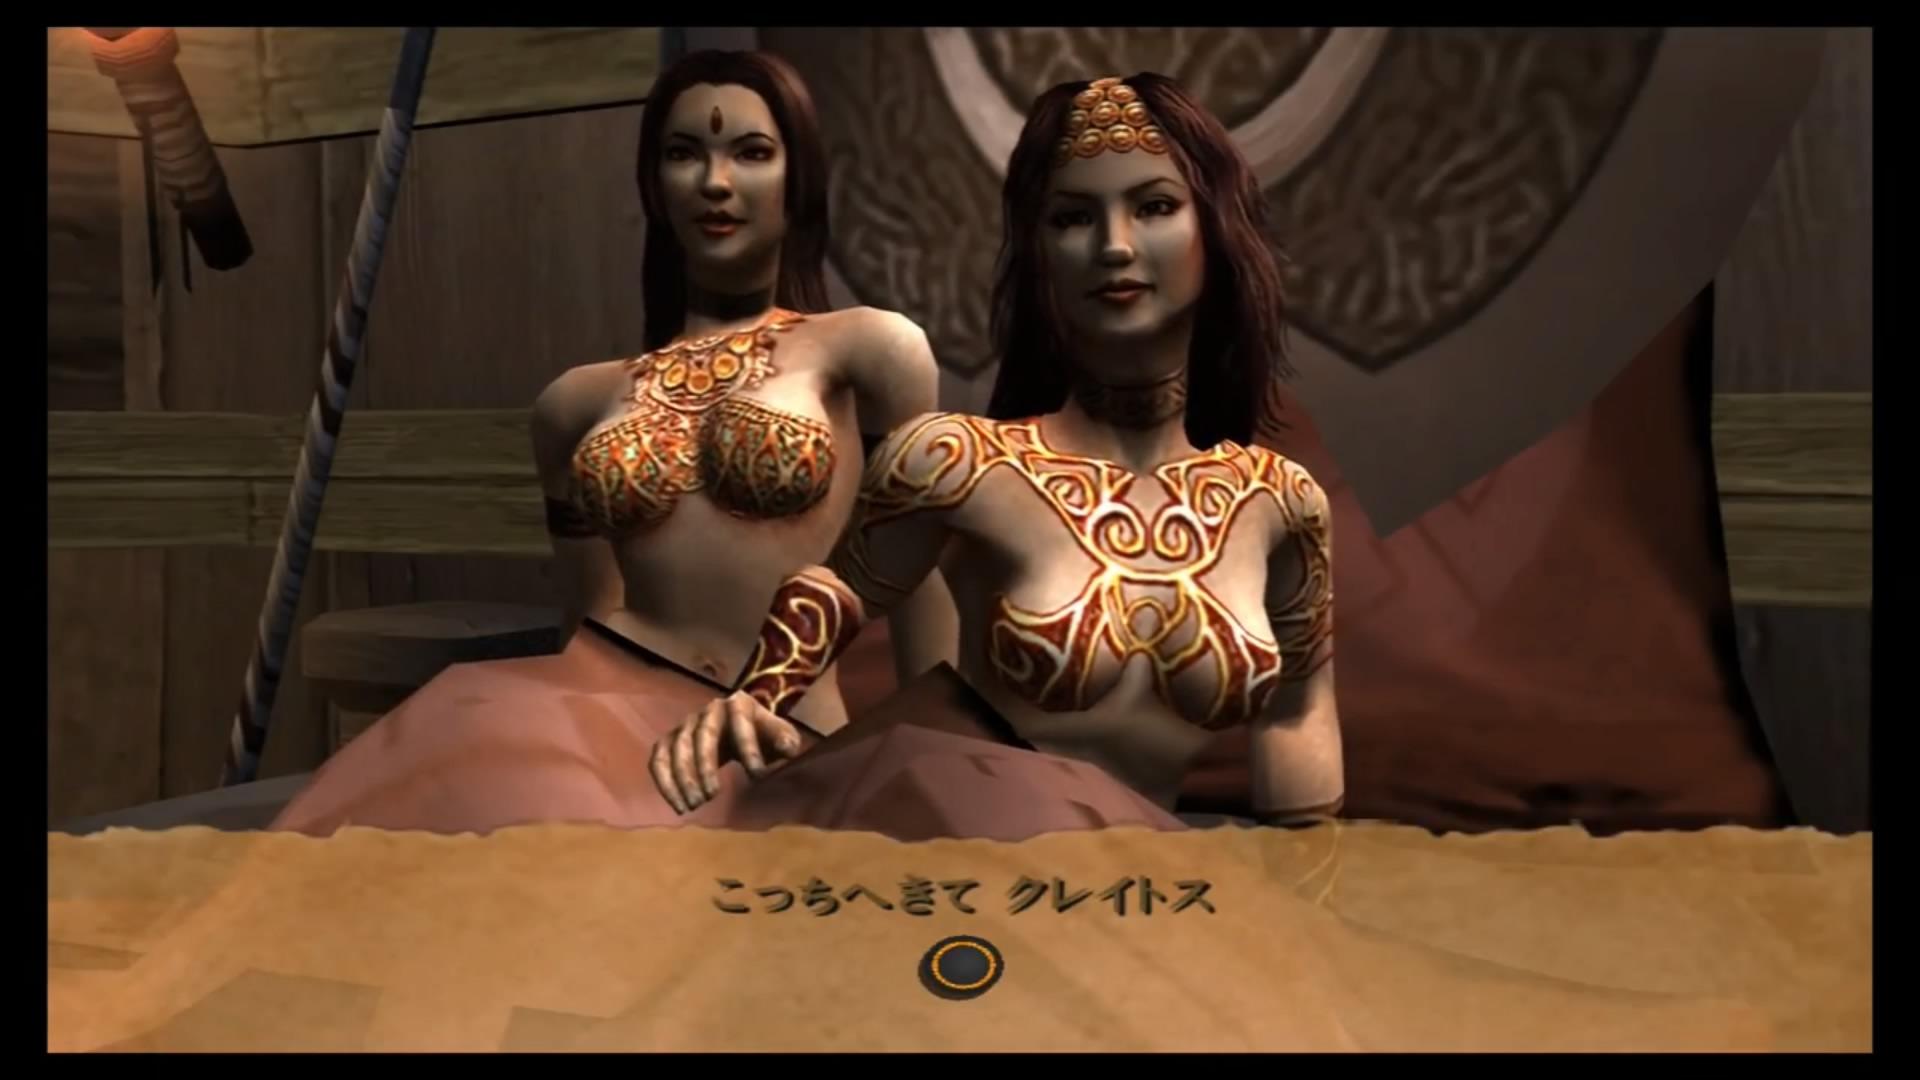 Zora and Lora